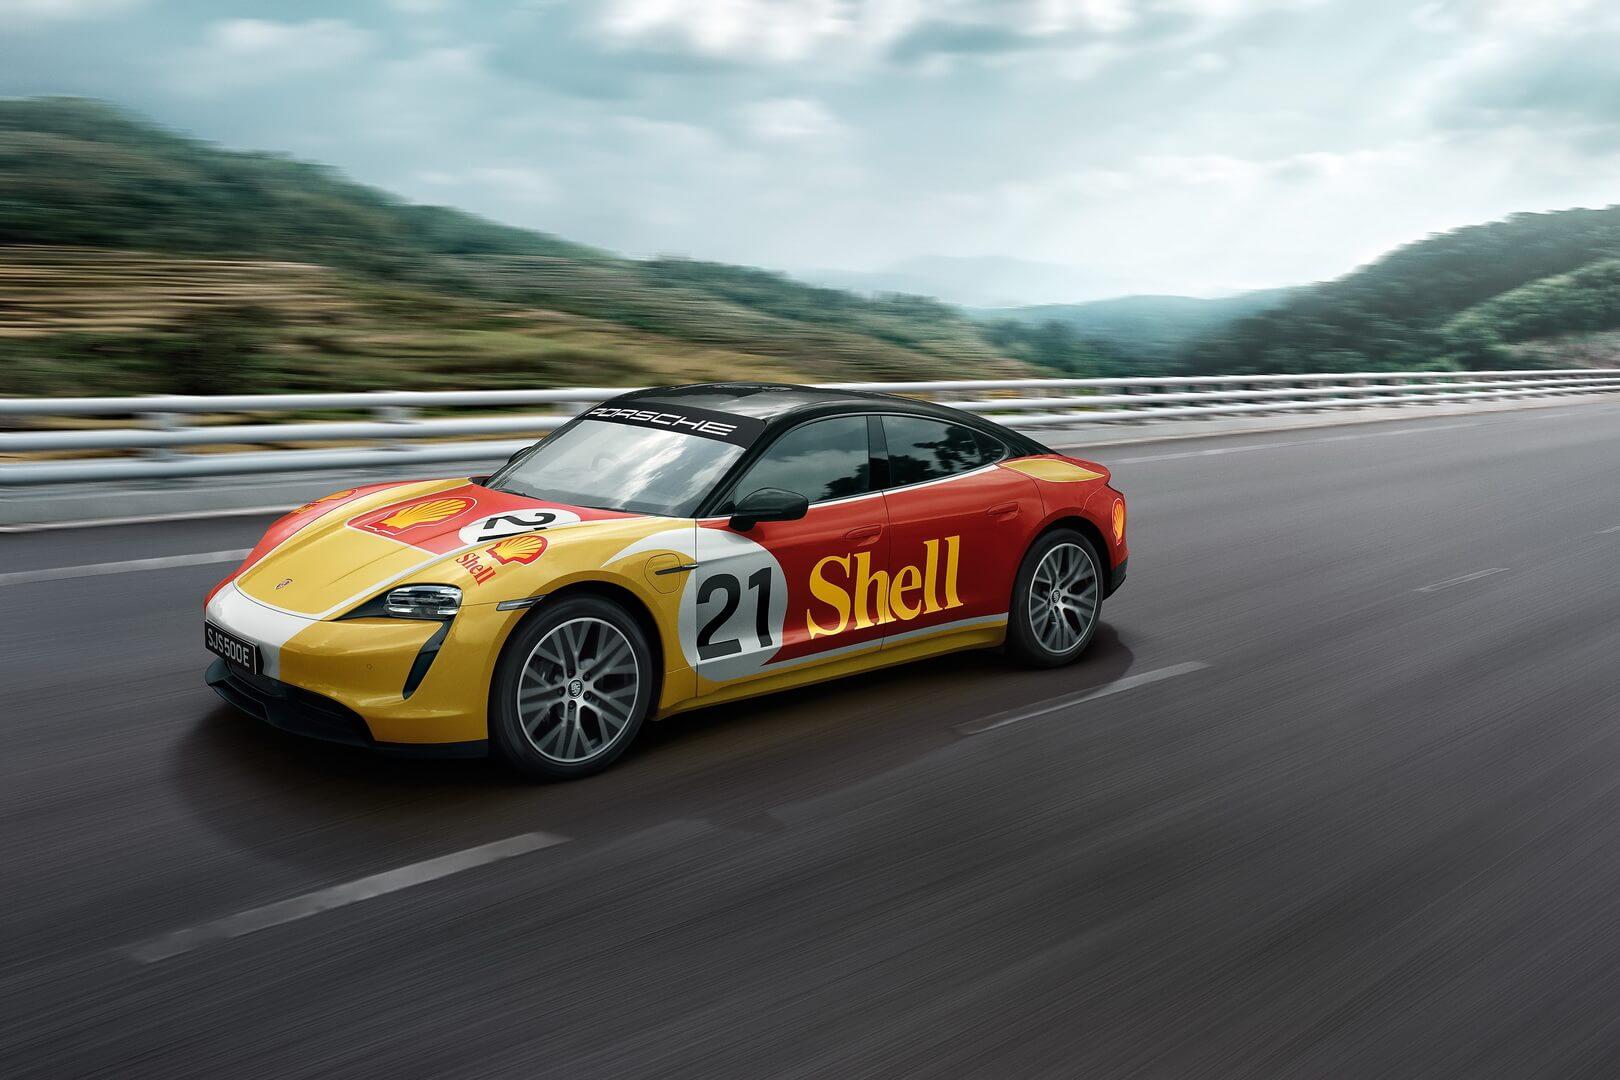 Porsche иShell анонсируют сверхмощную сеть зарядки для электромобилей вЮго-Восточной Азии